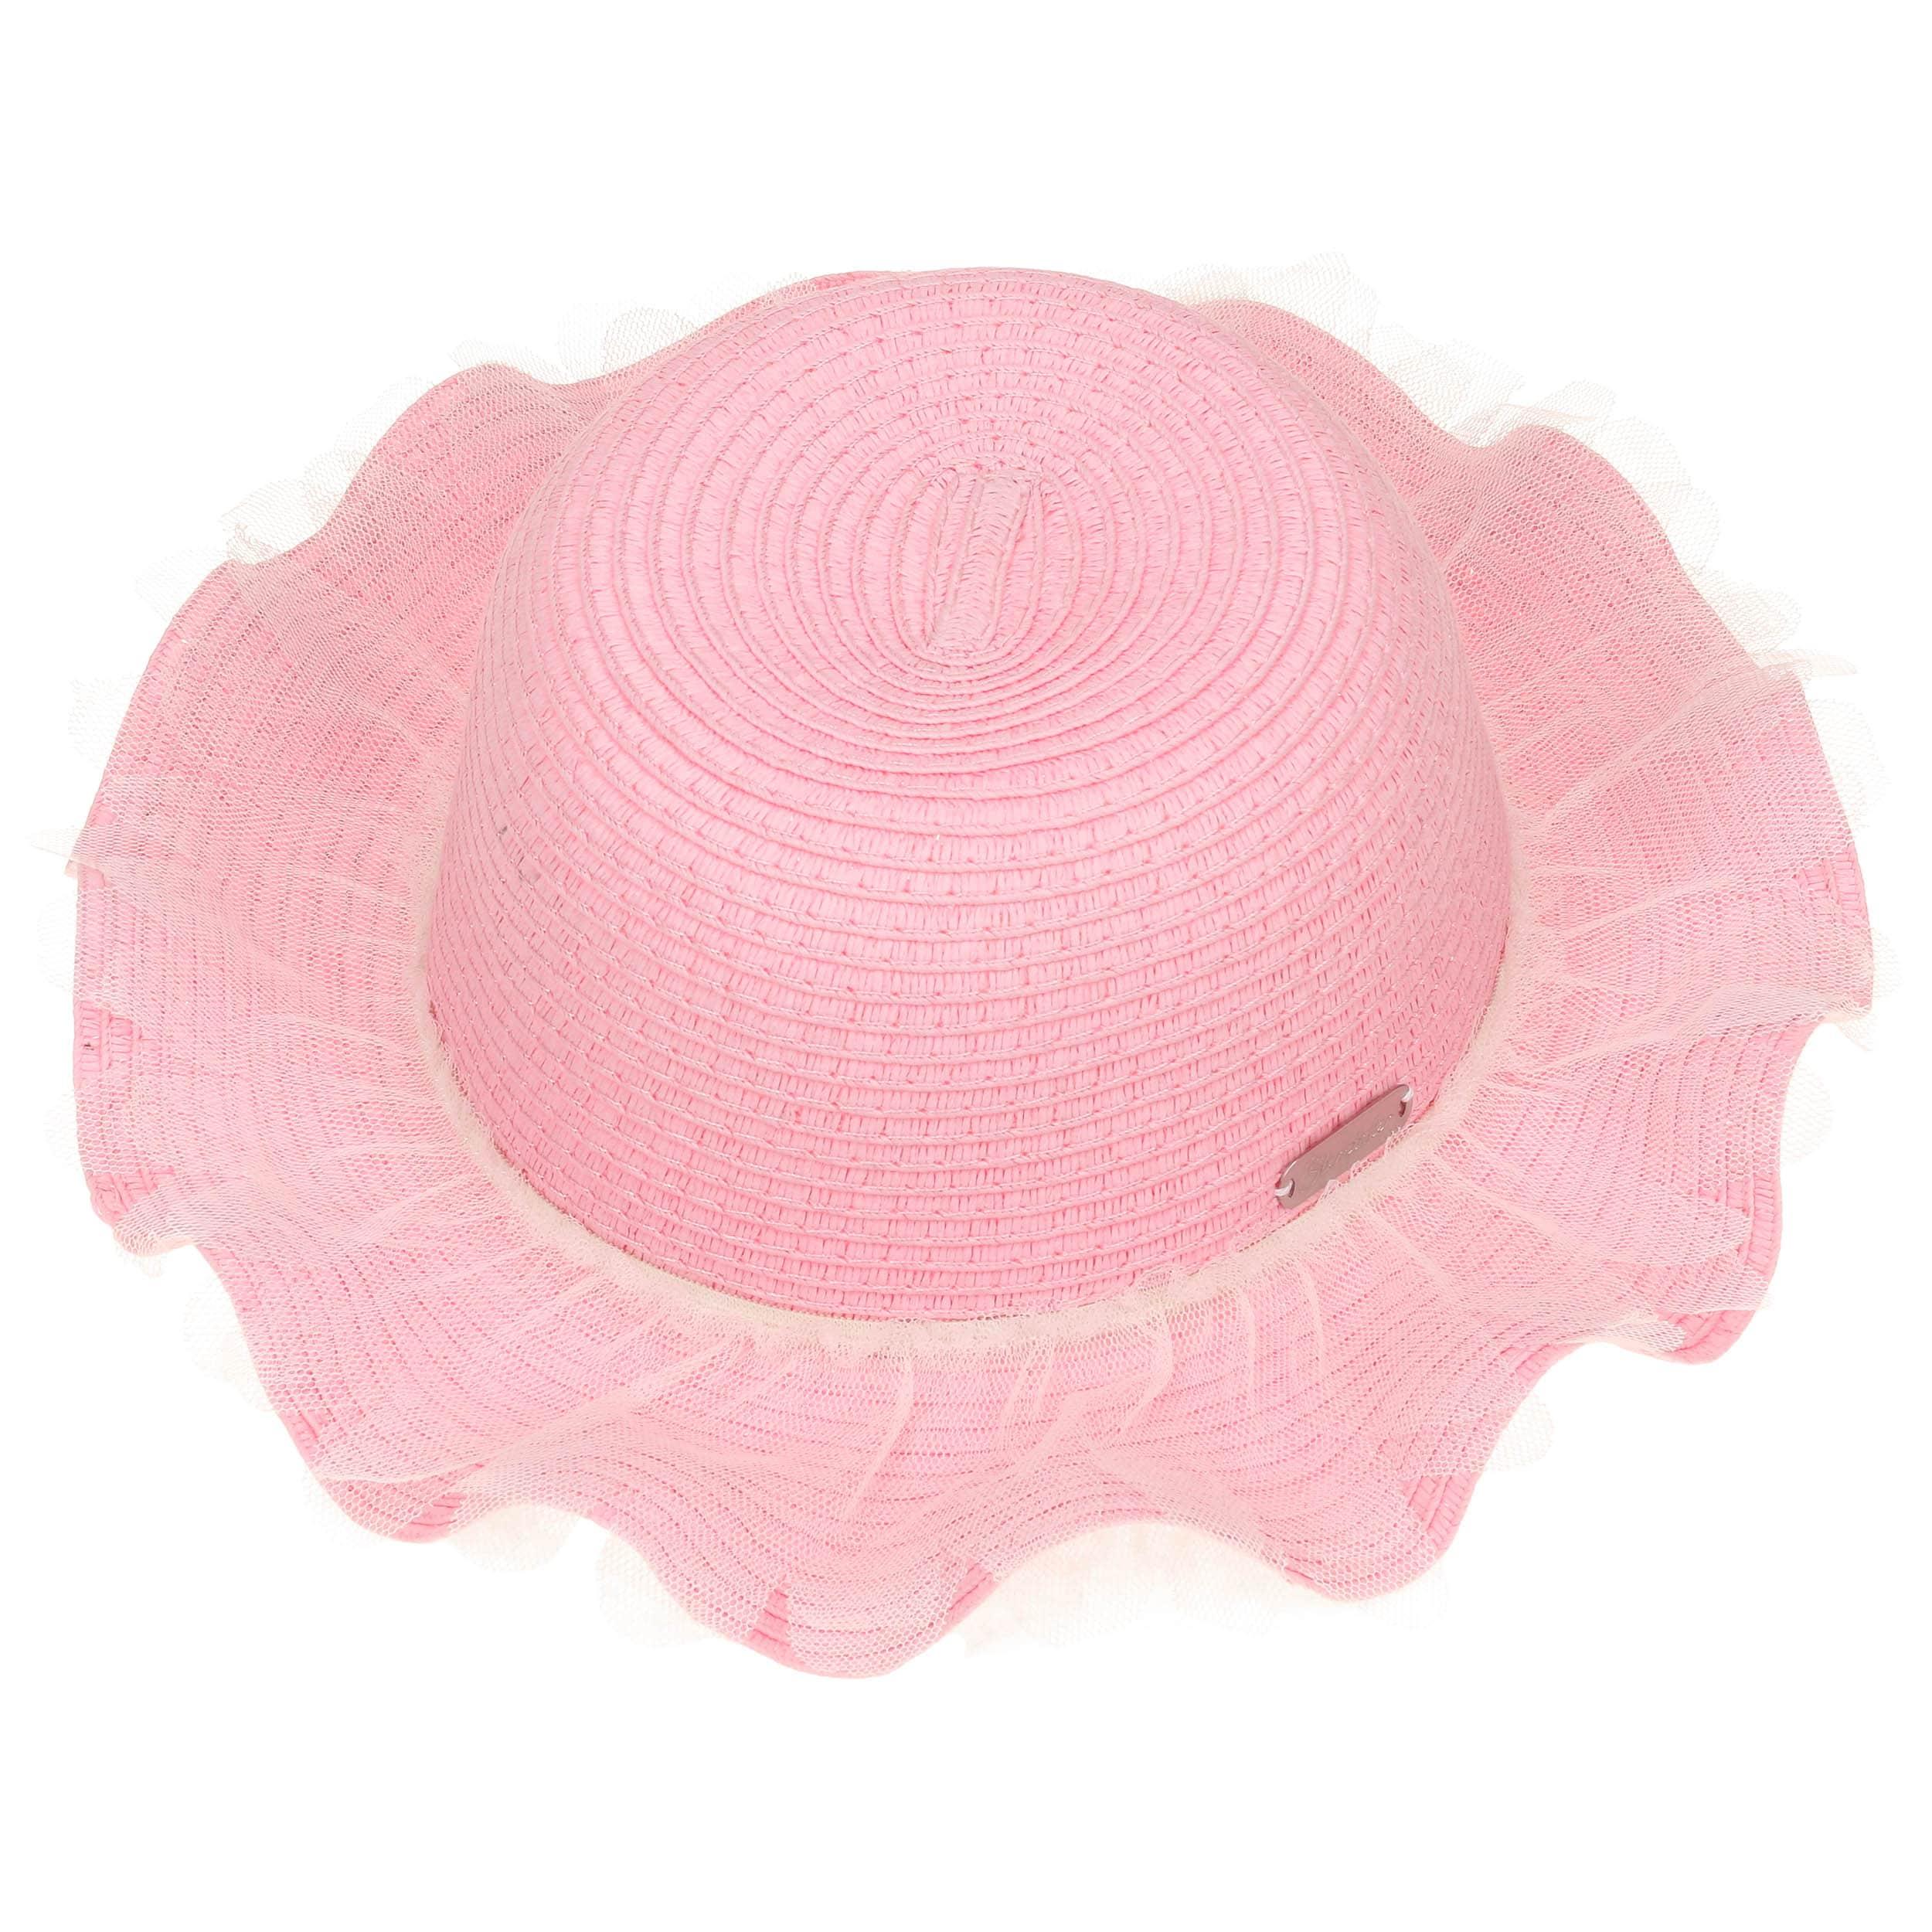 Cappello di Paglia Katarina by Sterntaler - rosa 1 ... 8abca2f64dd4